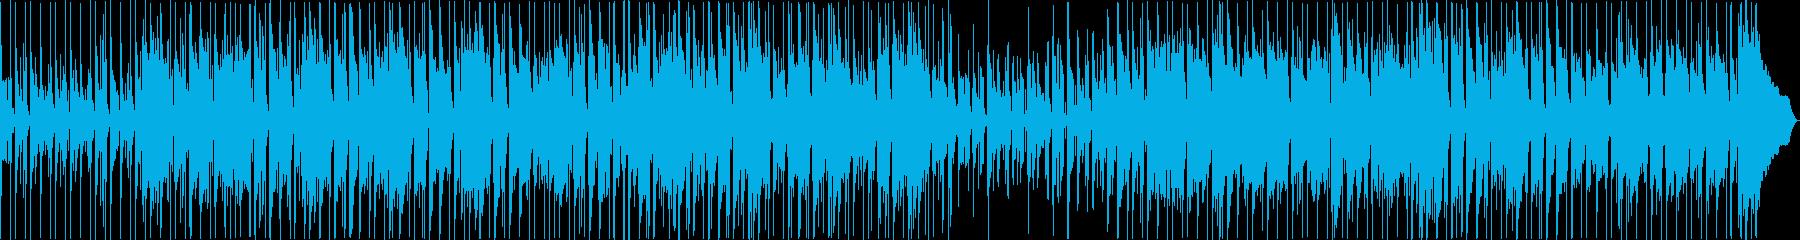 ブルージーなアコースティックトラックの再生済みの波形